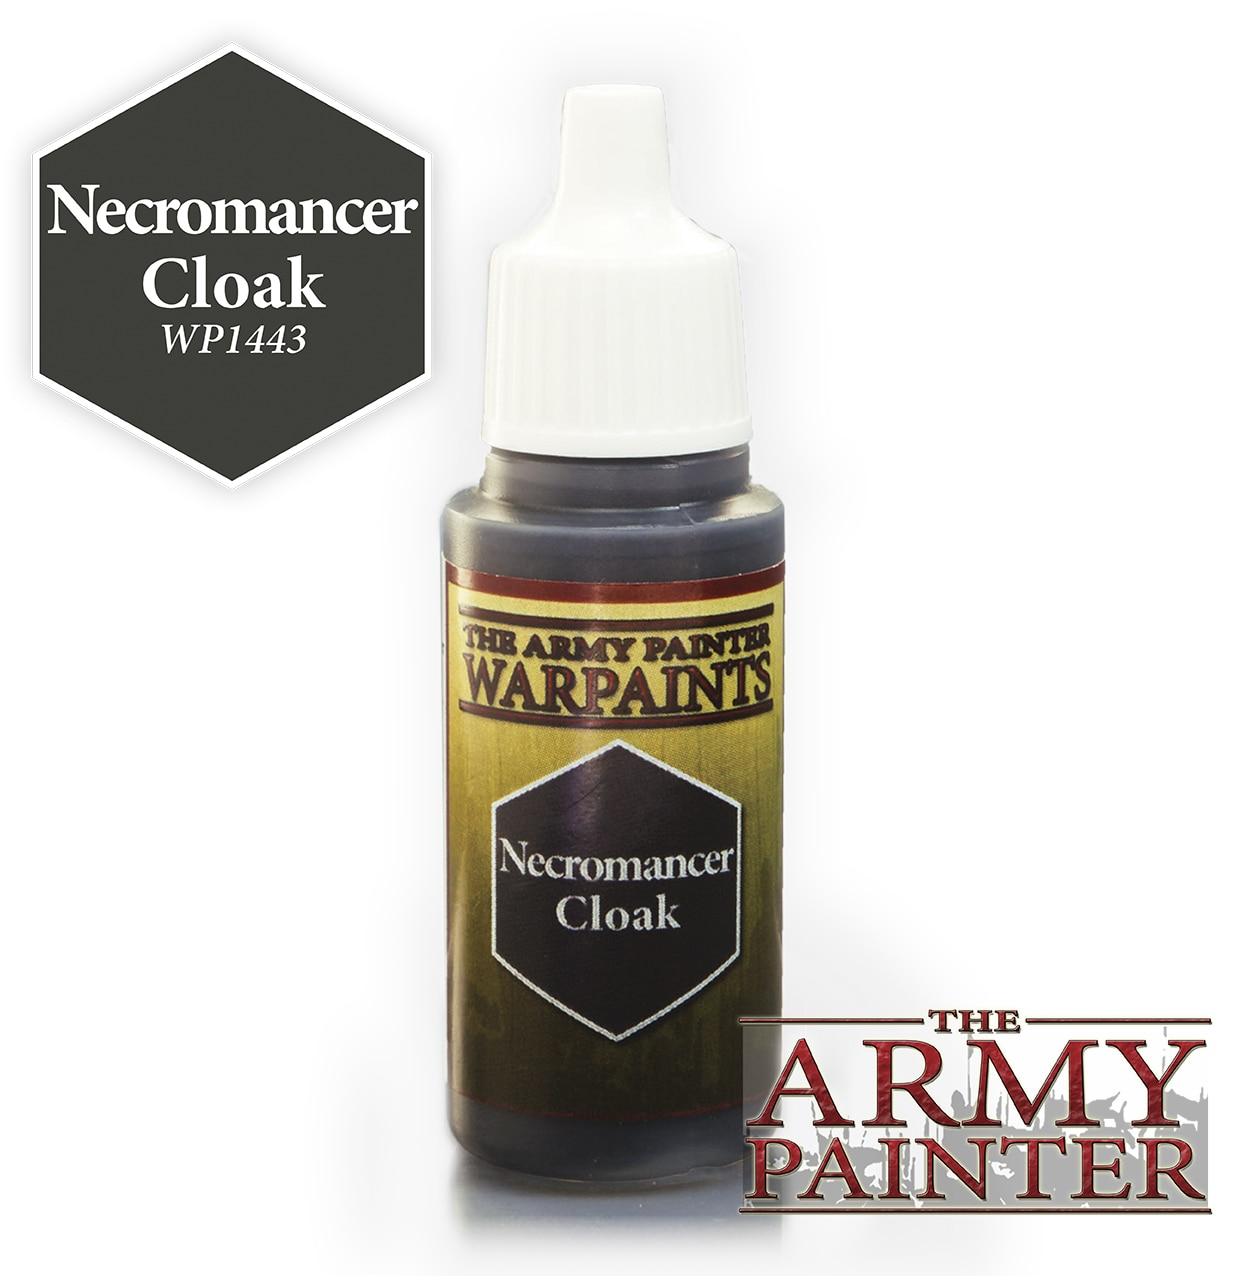 Army Painter Warpaint - Necromancer Cloak